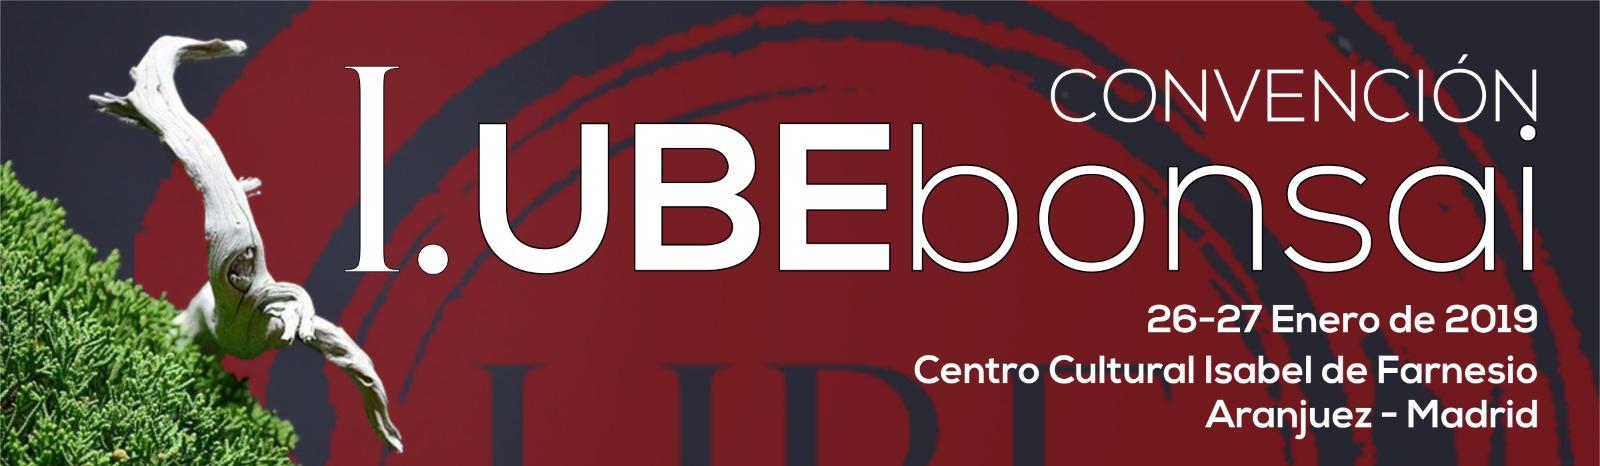 I. UBE BONSAI CONVENCIÓN  en ARANJUEZ, MADRID